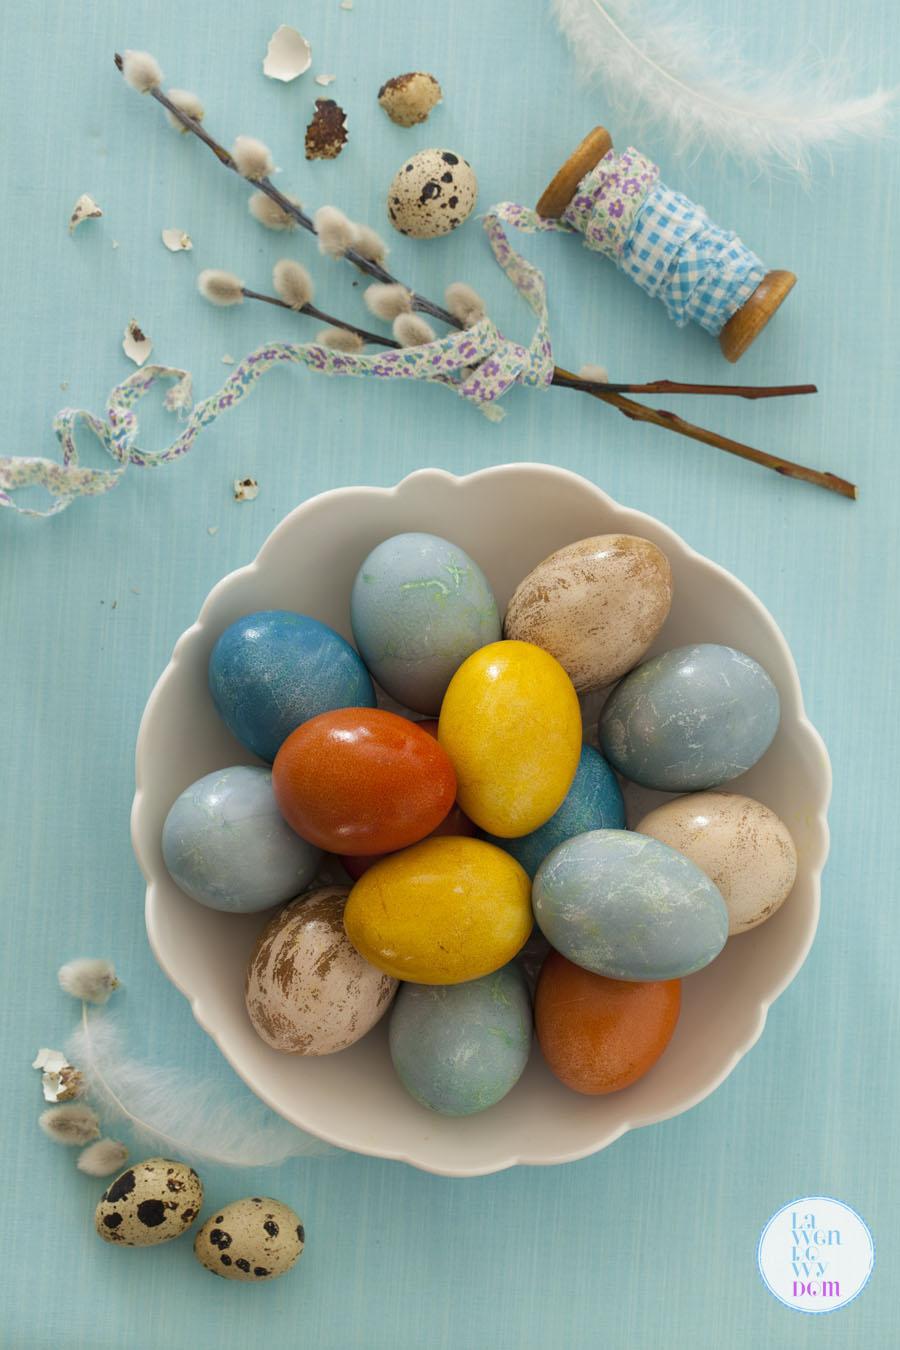 naturalne-sposoby-barwienia-jajek-wielkanocnych34